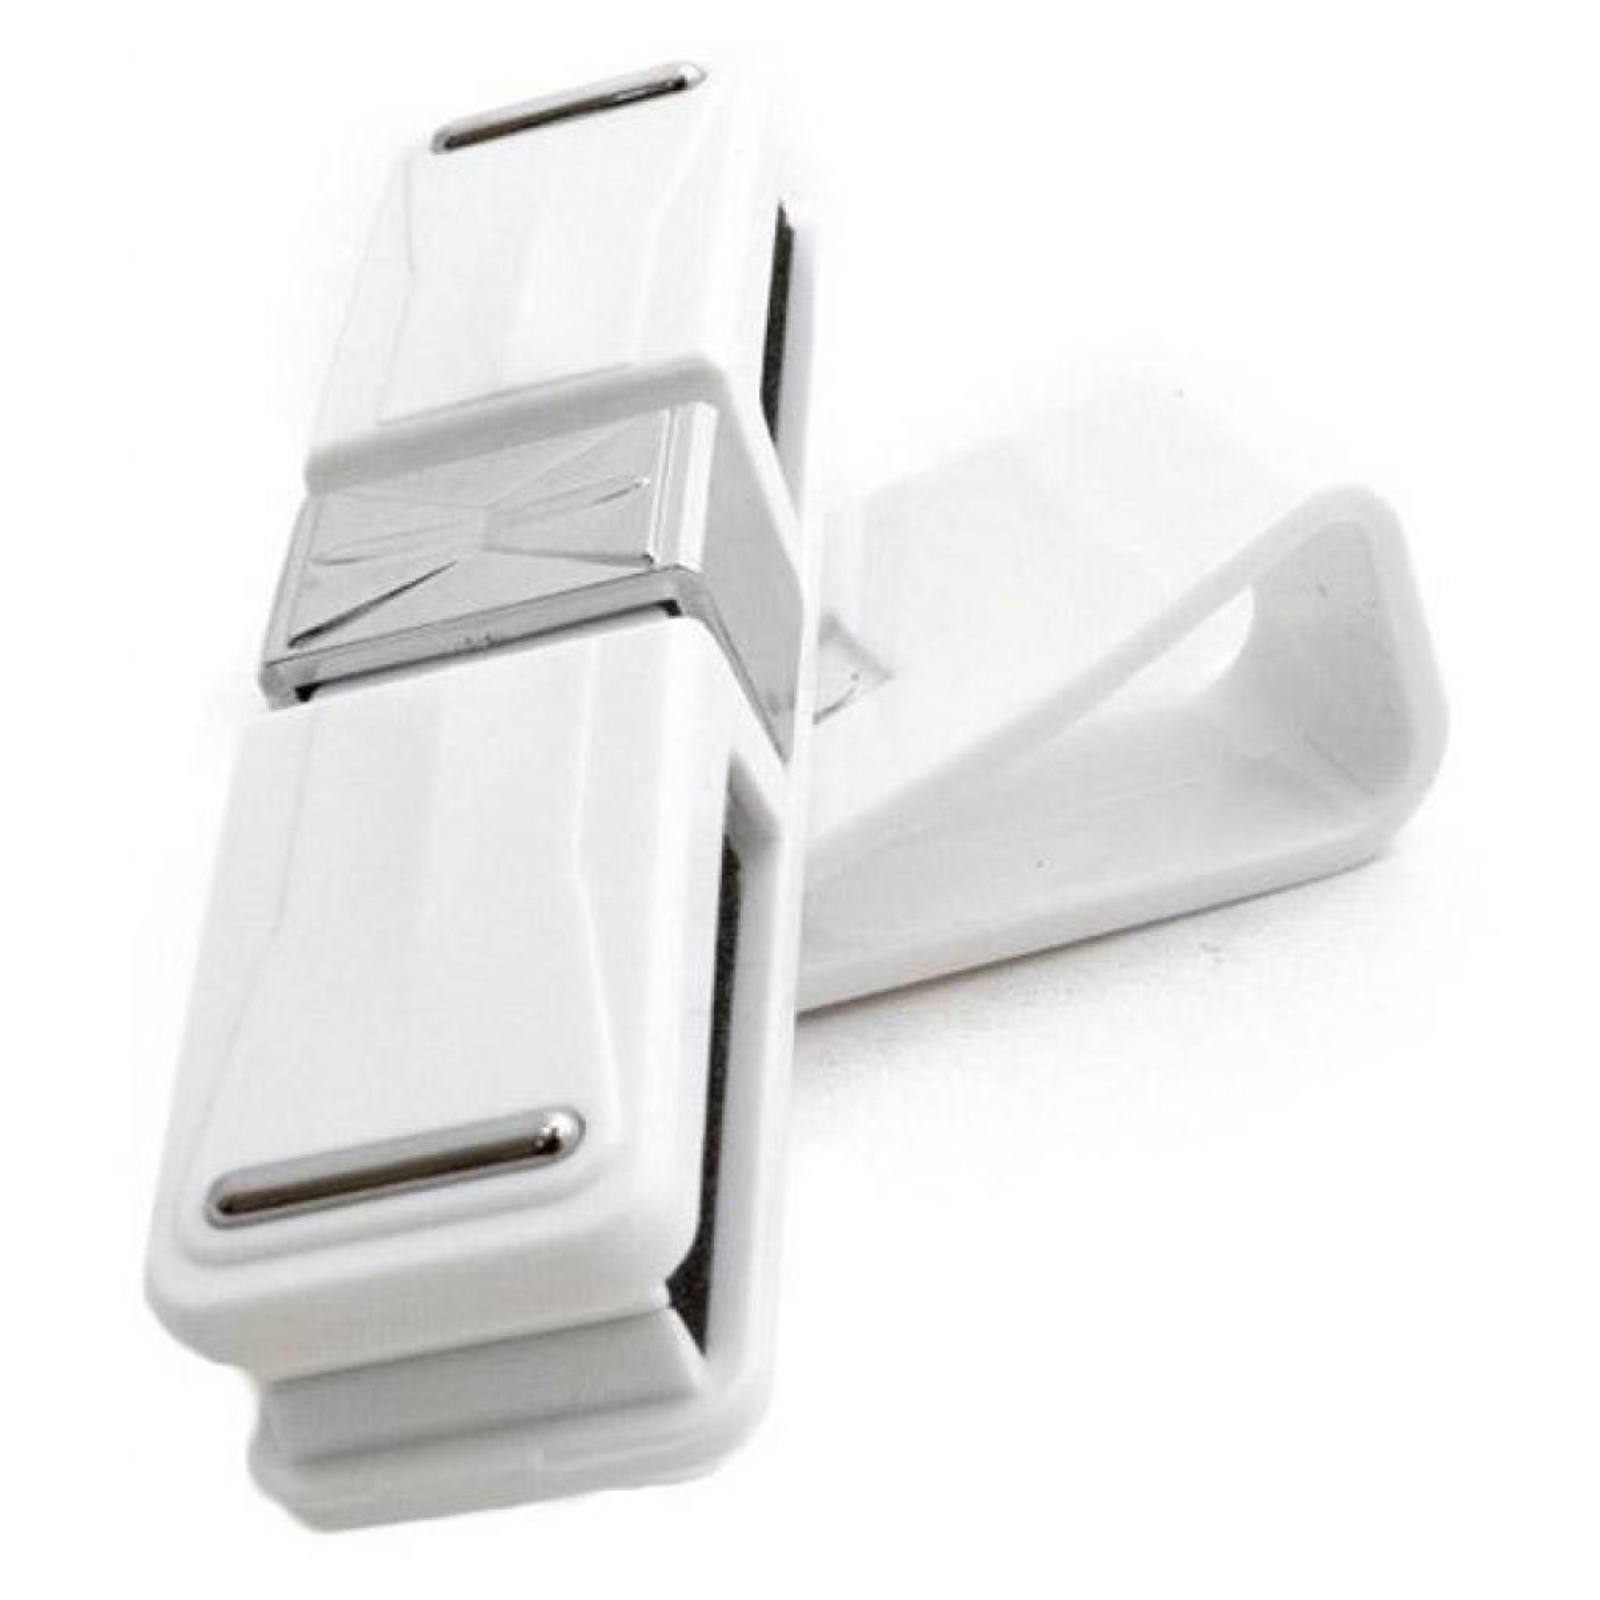 Универсальный автодержатель EXTRADIGITAL для очков Glasses Holder White (CGH4121) изображение 5